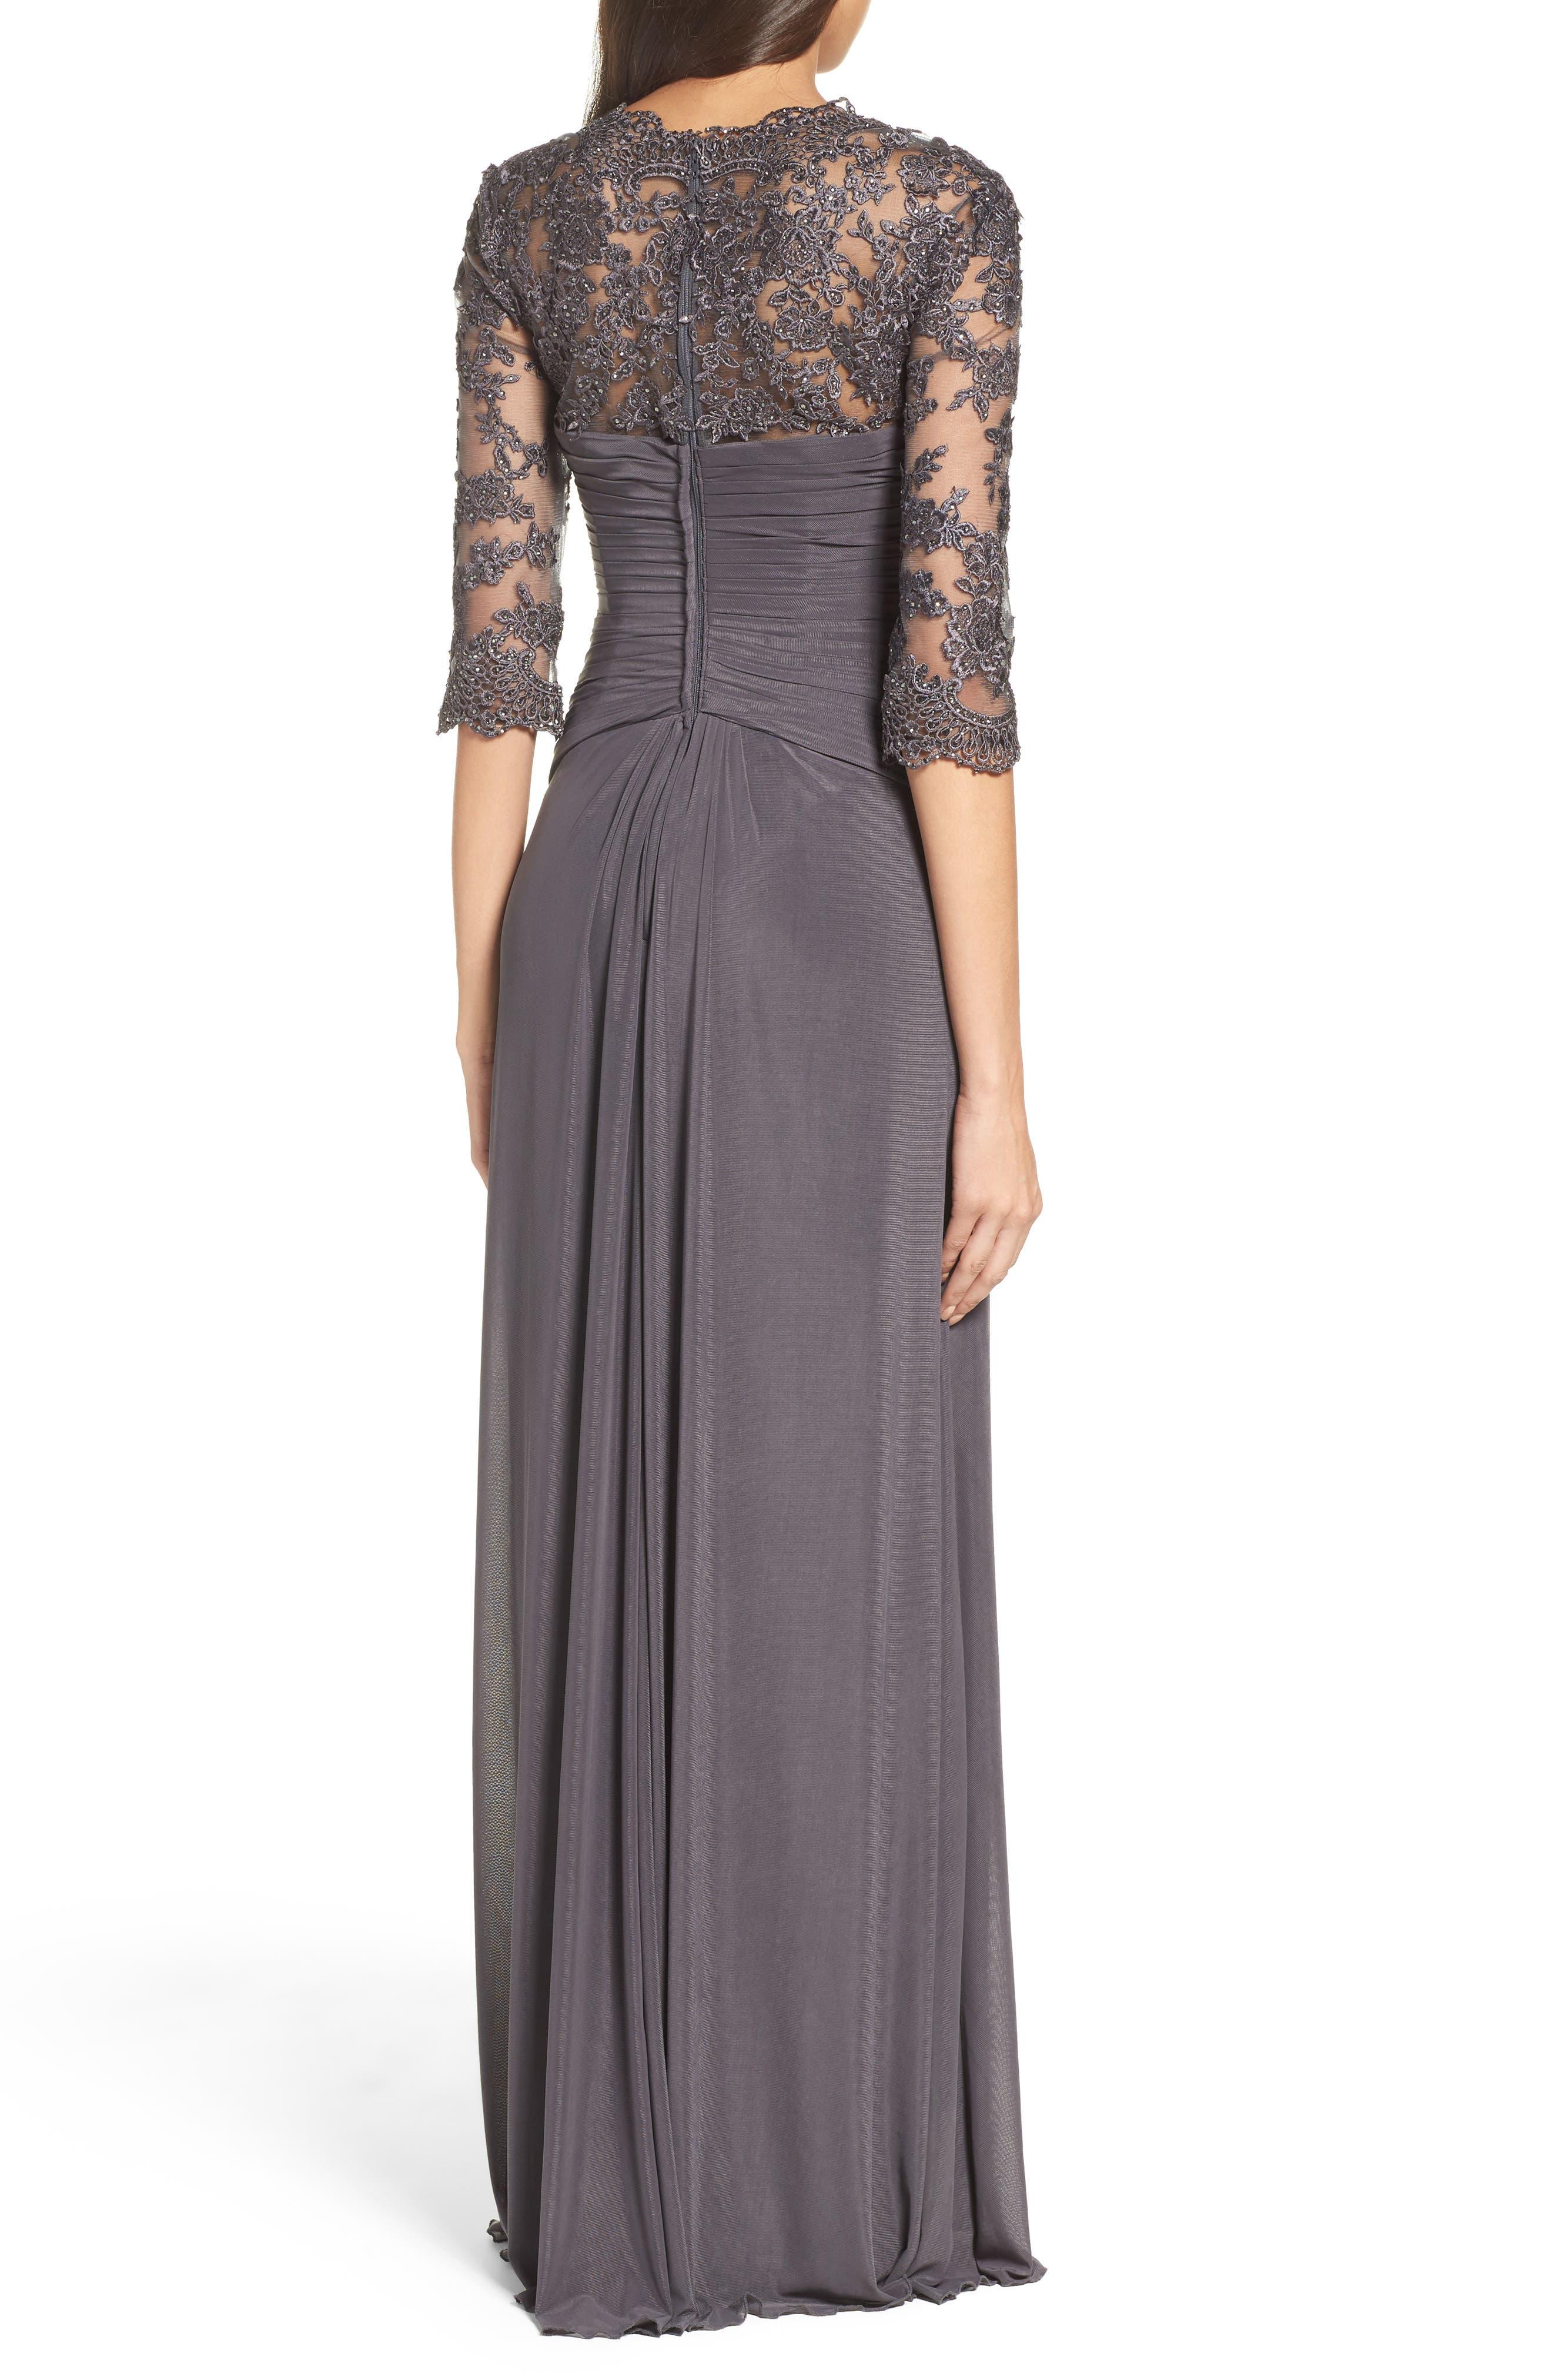 LA FEMME, Lace & Net Ruched Twist Front Gown, Alternate thumbnail 2, color, GUNMETAL